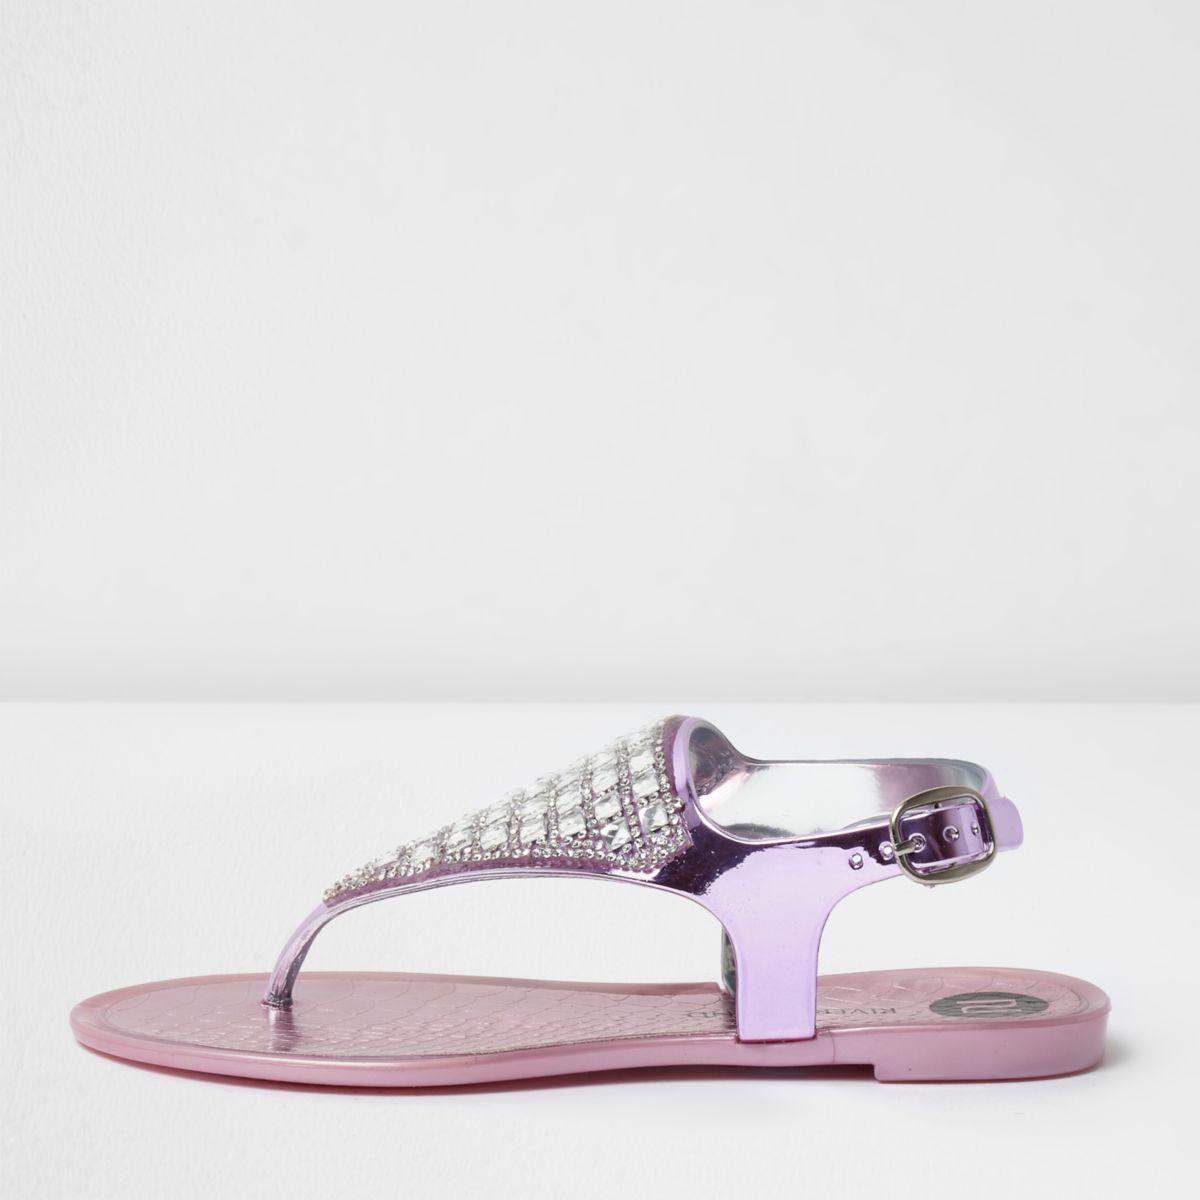 Sandales en plastique violet clair à strass pour fille